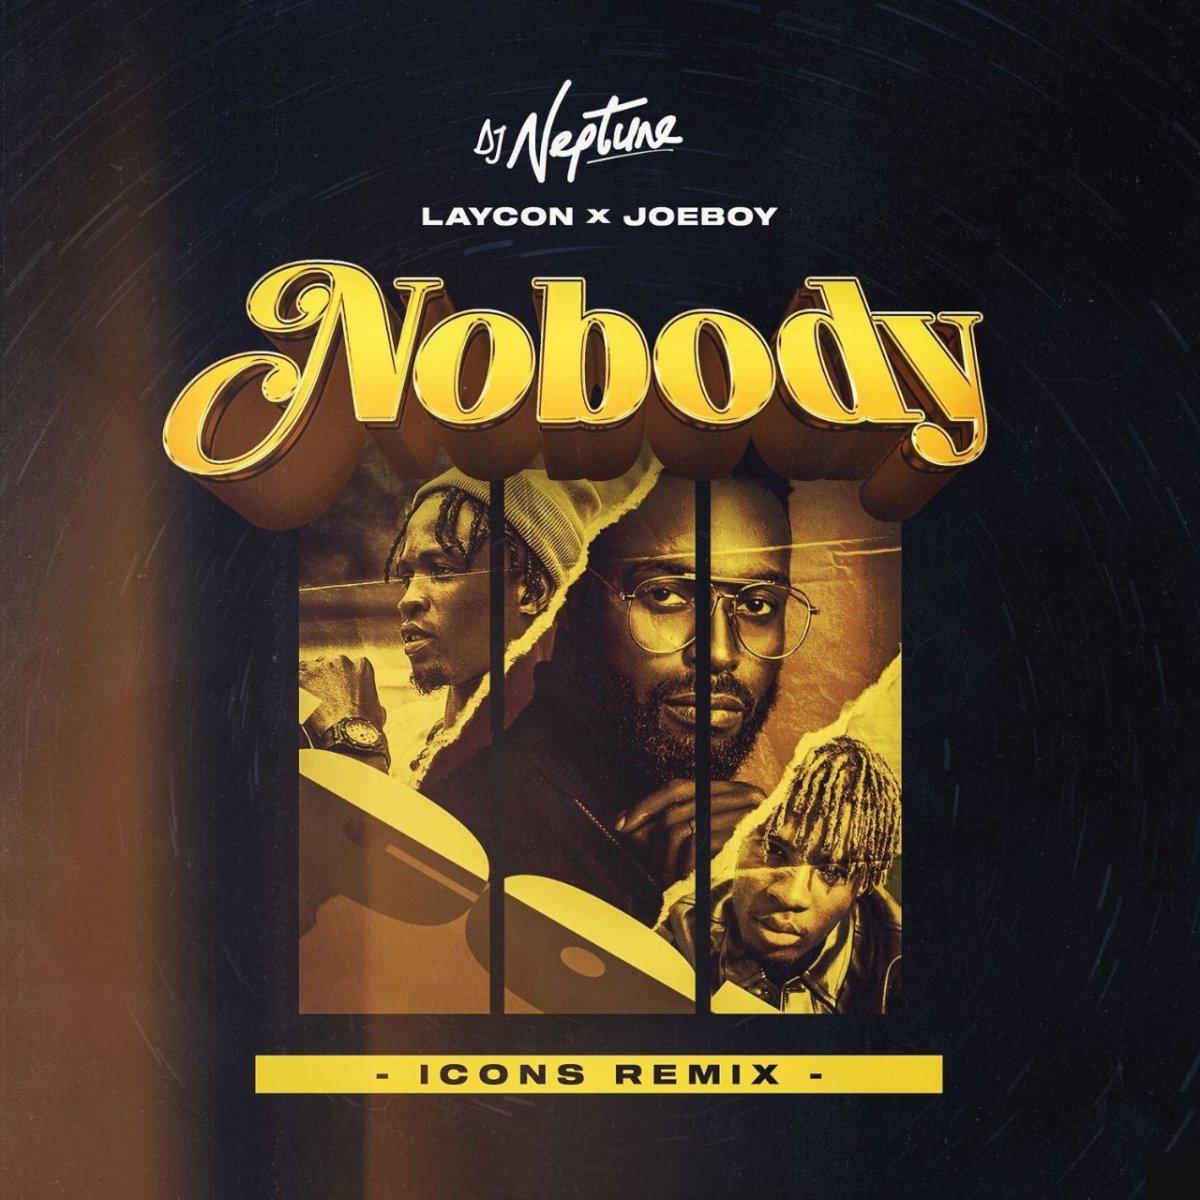 Dj Neptune Ft Laycon X Joeboy Nobody Icons Remix Lyrics Crownlyric Com Nobody, nobody, nobody, nobody, nobody, nobody, no don't wanna see you with nobody, nobody, nobody, nobody, nobody, nobody, no. dj neptune ft laycon x joeboy nobody